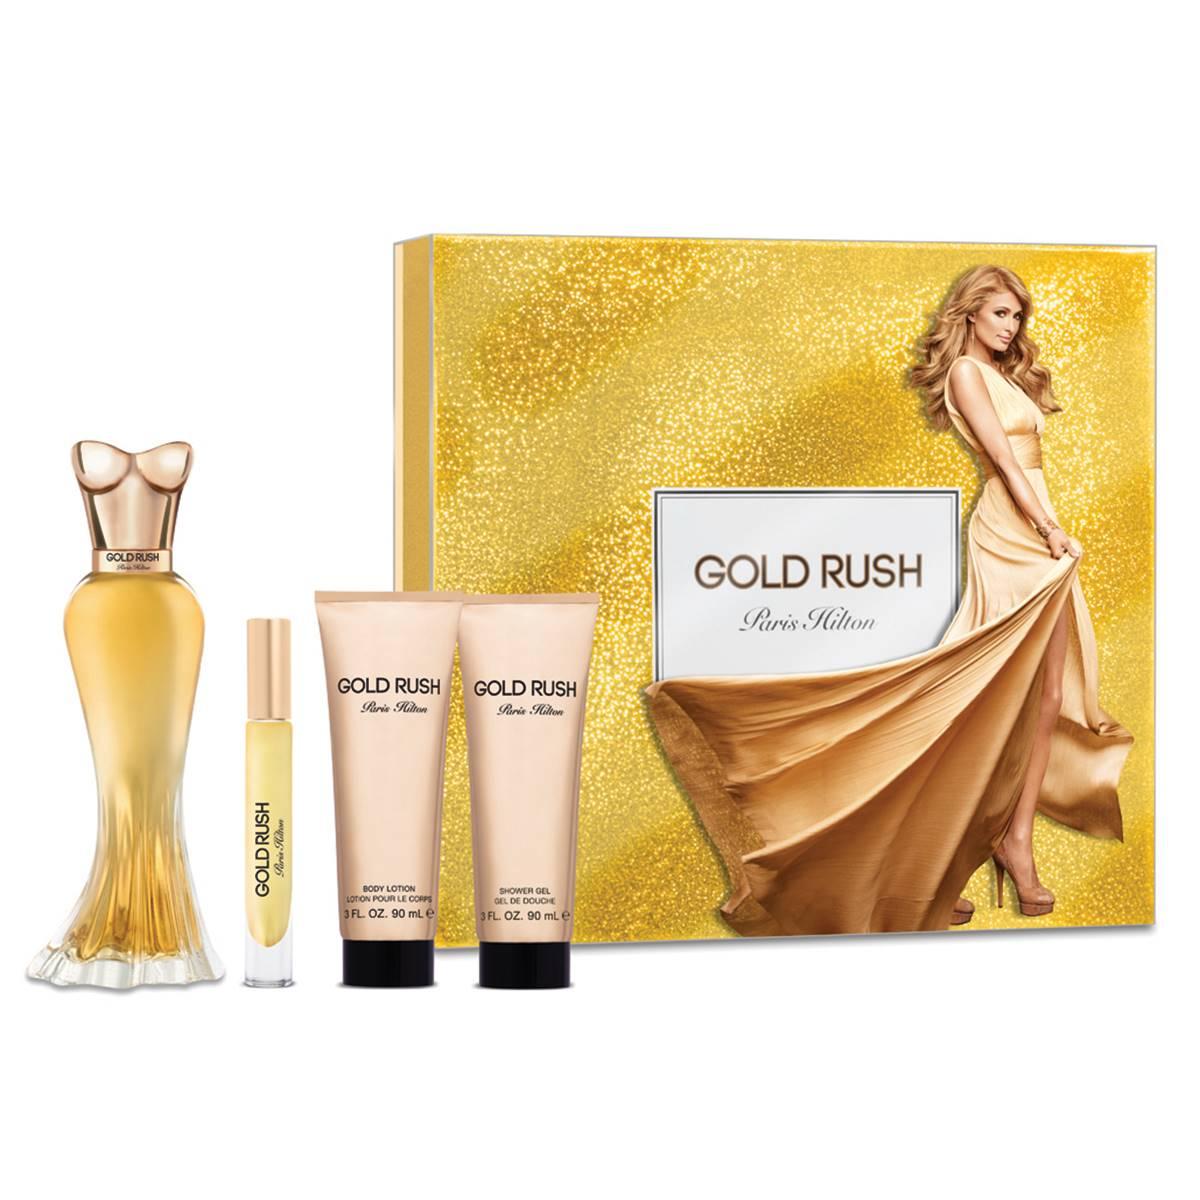 Gold Rush By Paris Hilton 4 Pcs Set